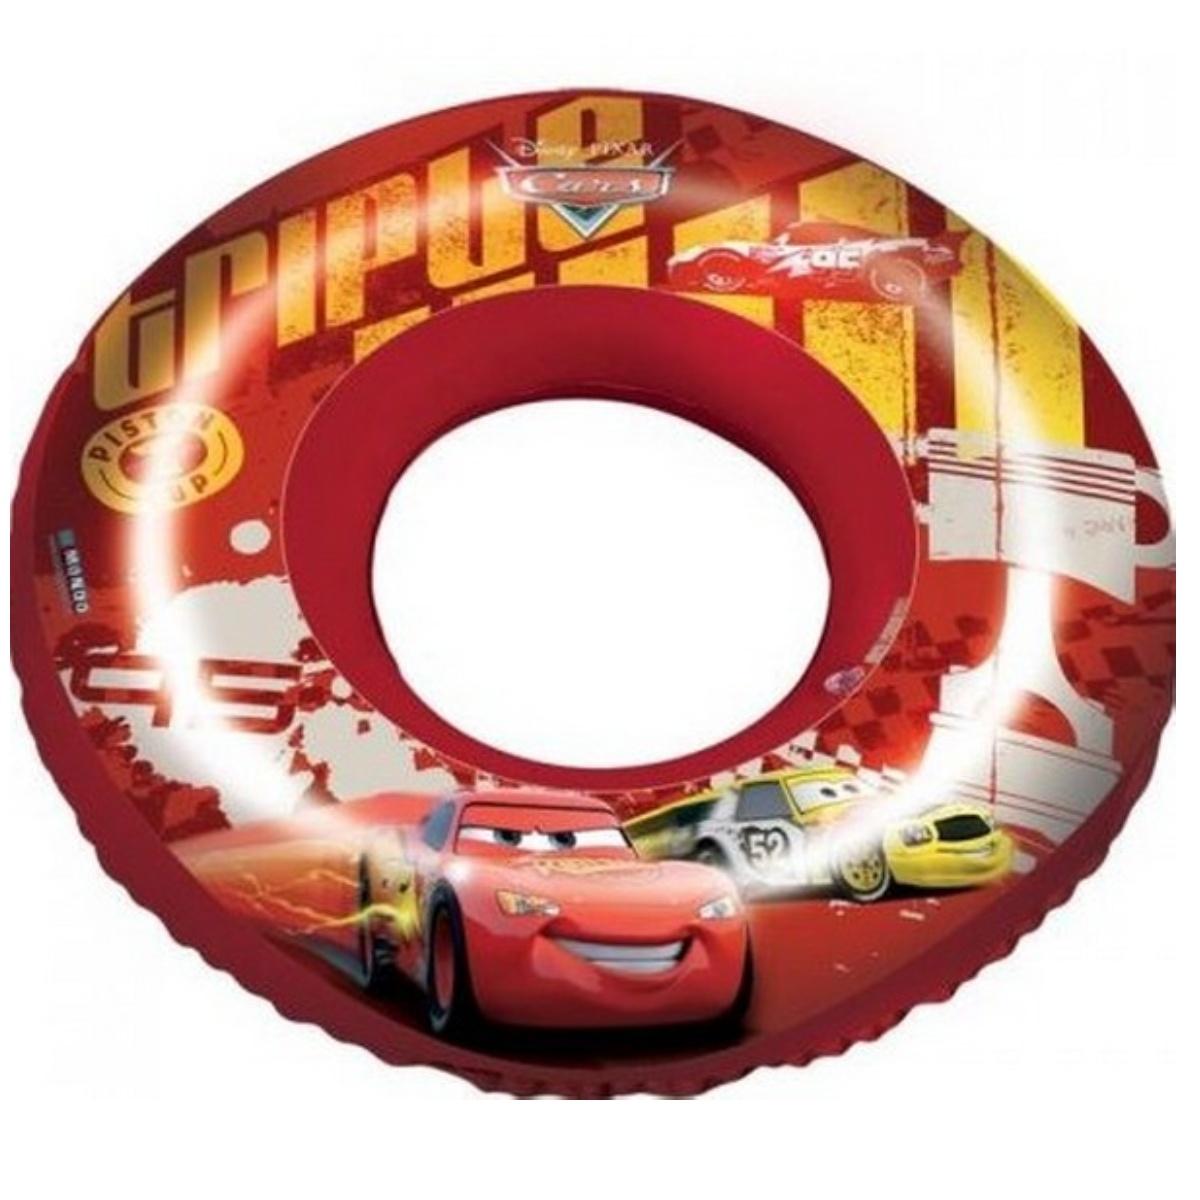 Nafukovací kruh s potiskem CARS 50 cm